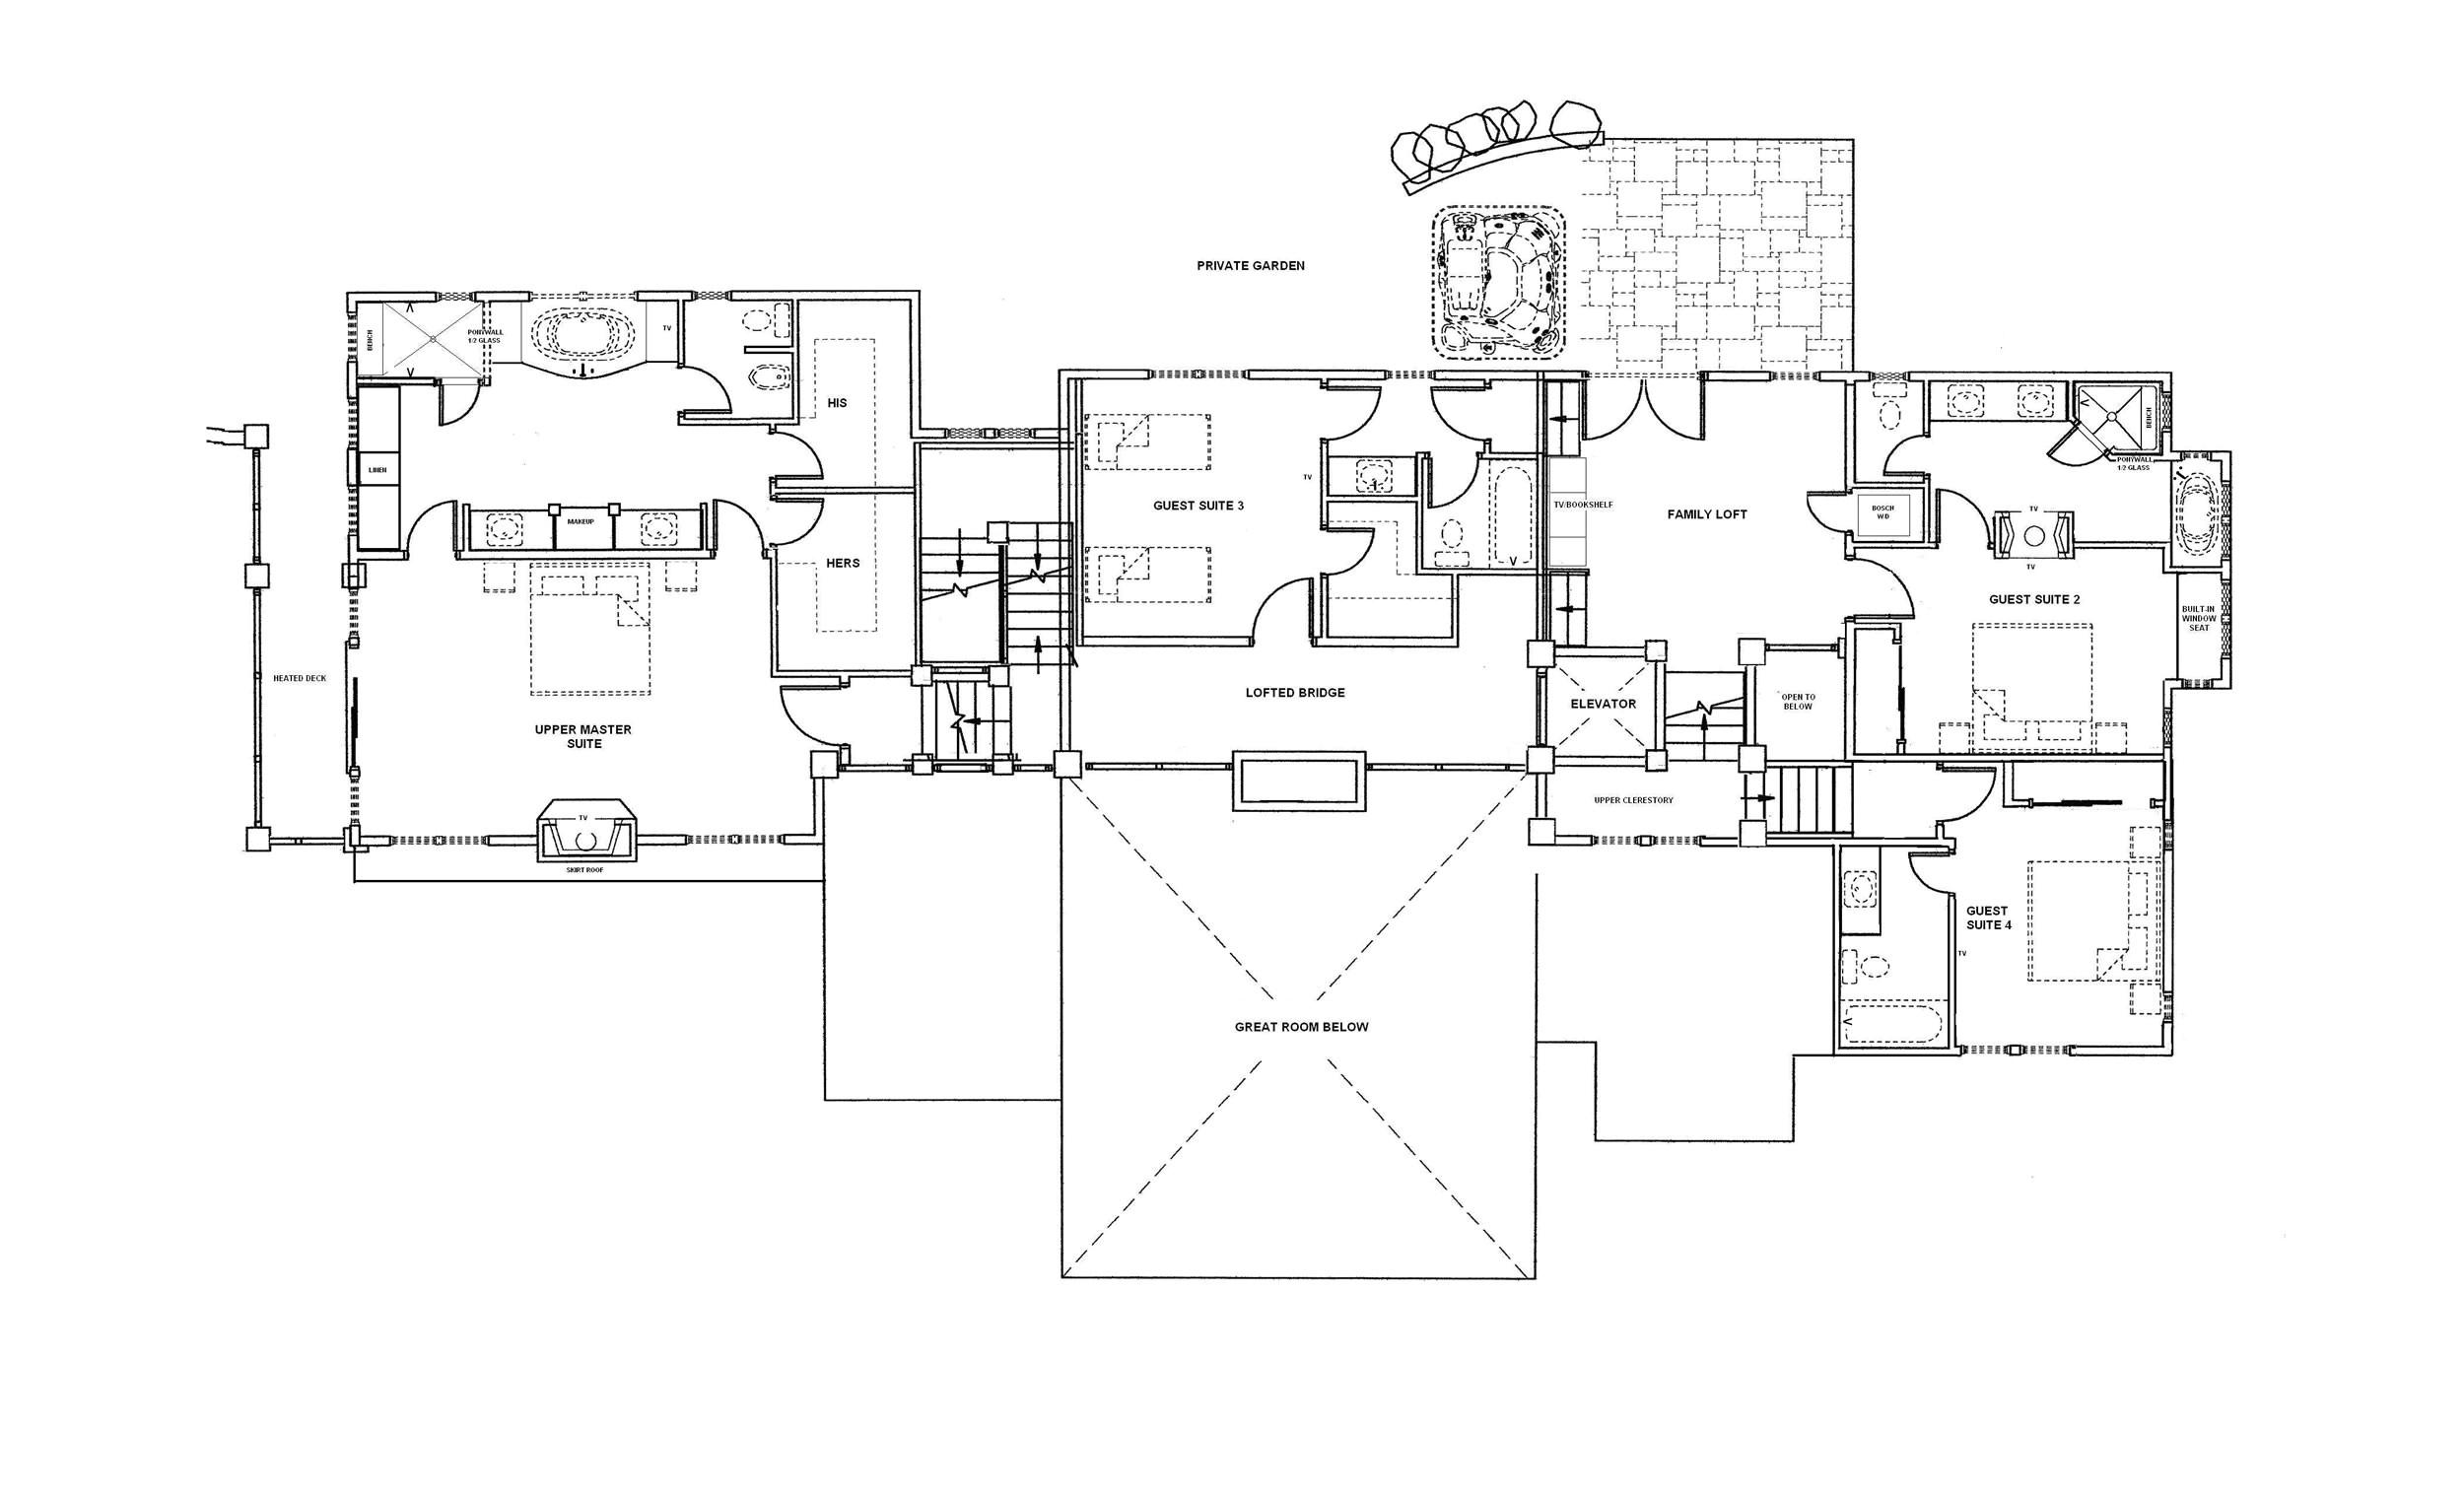 lot 7 floorplans